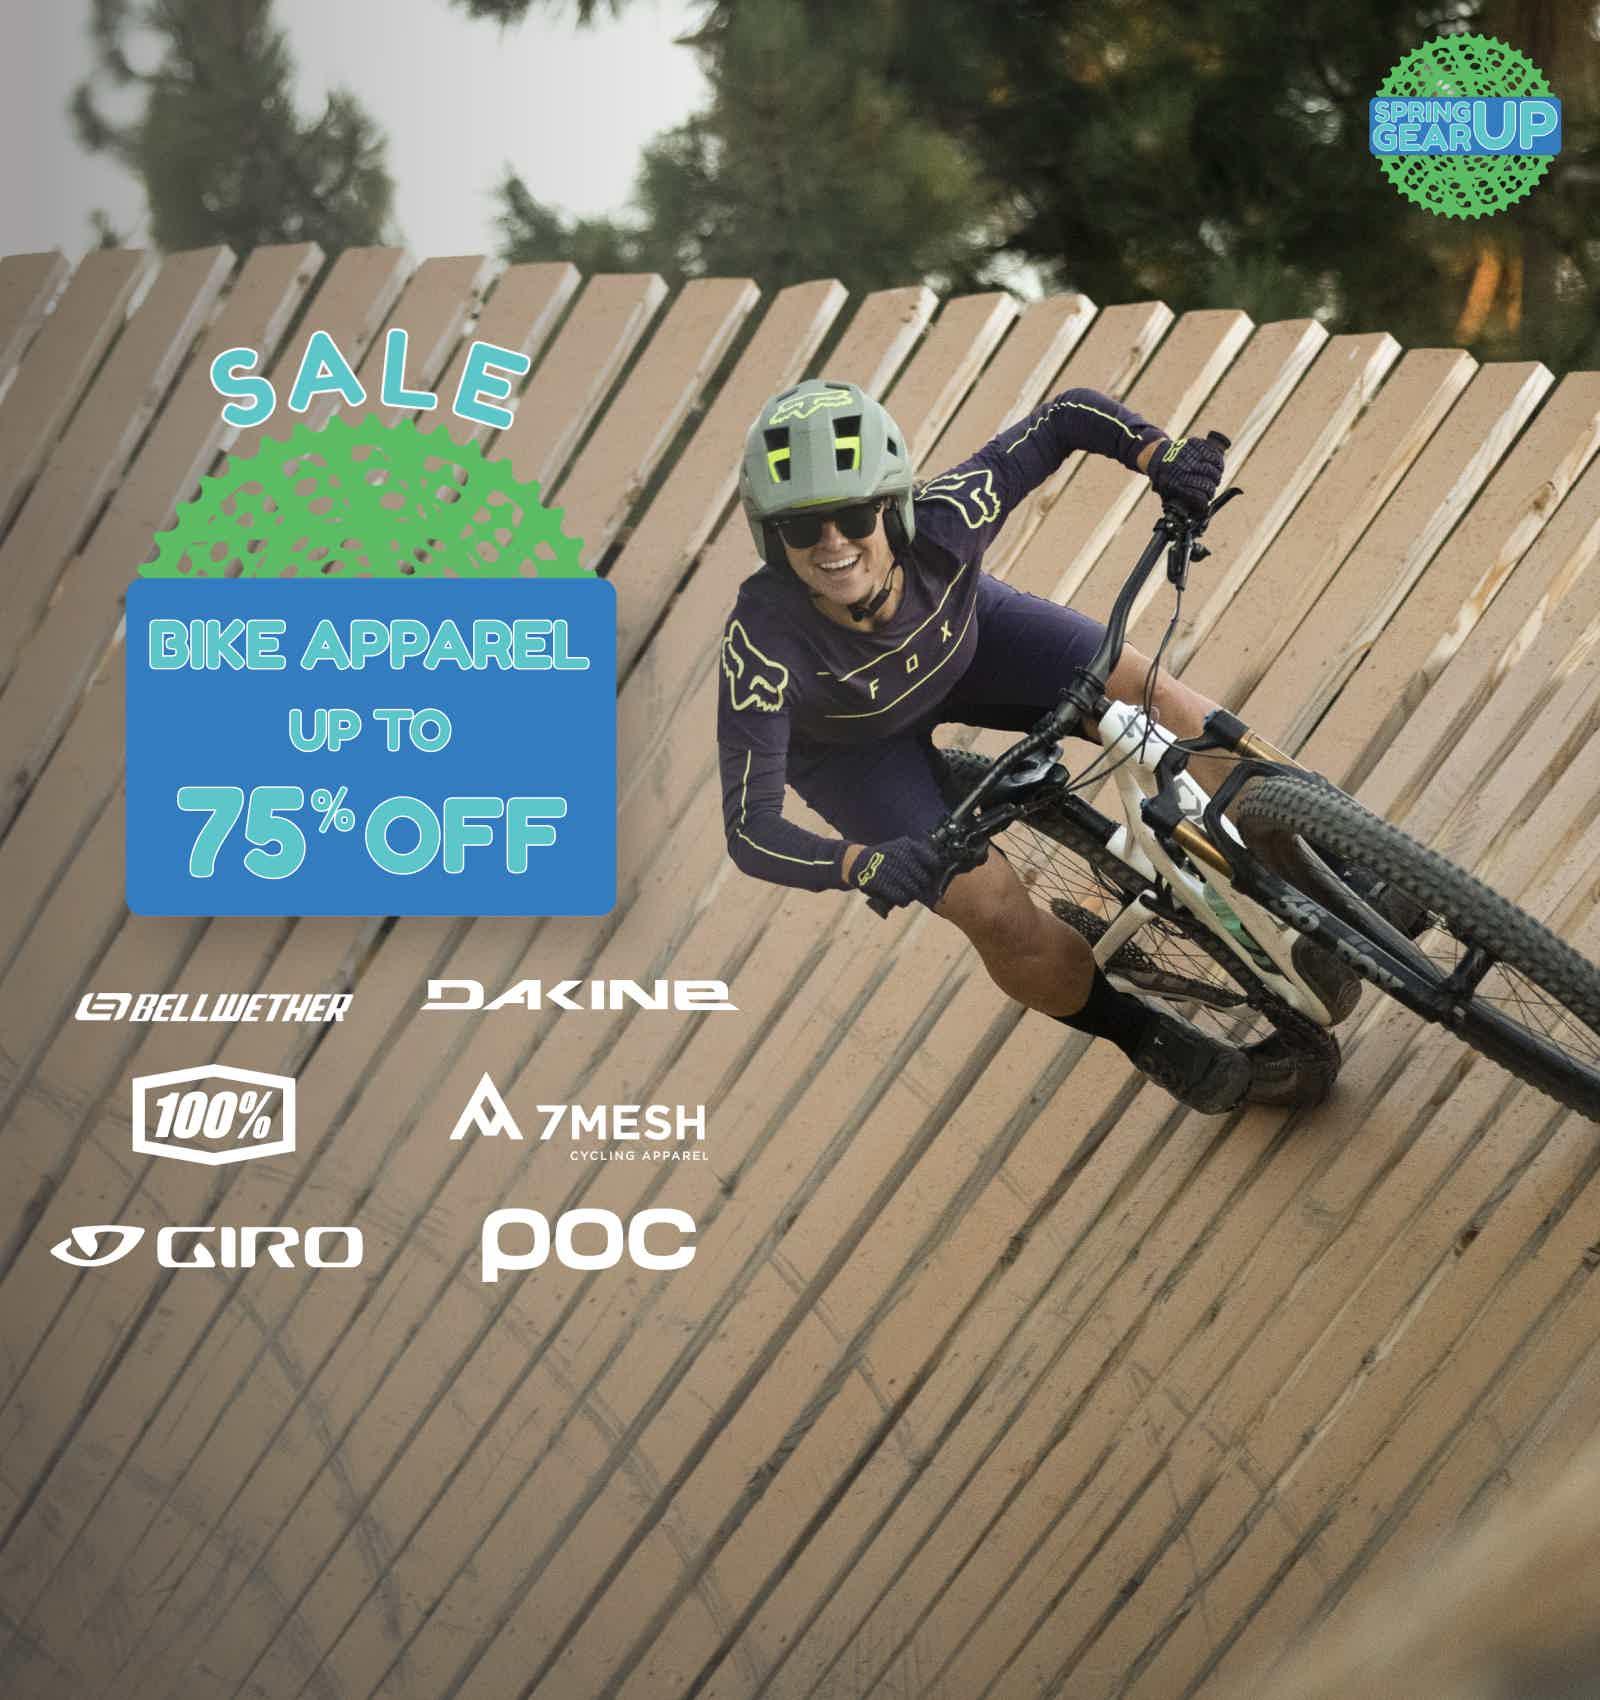 Bike Apparel Sale